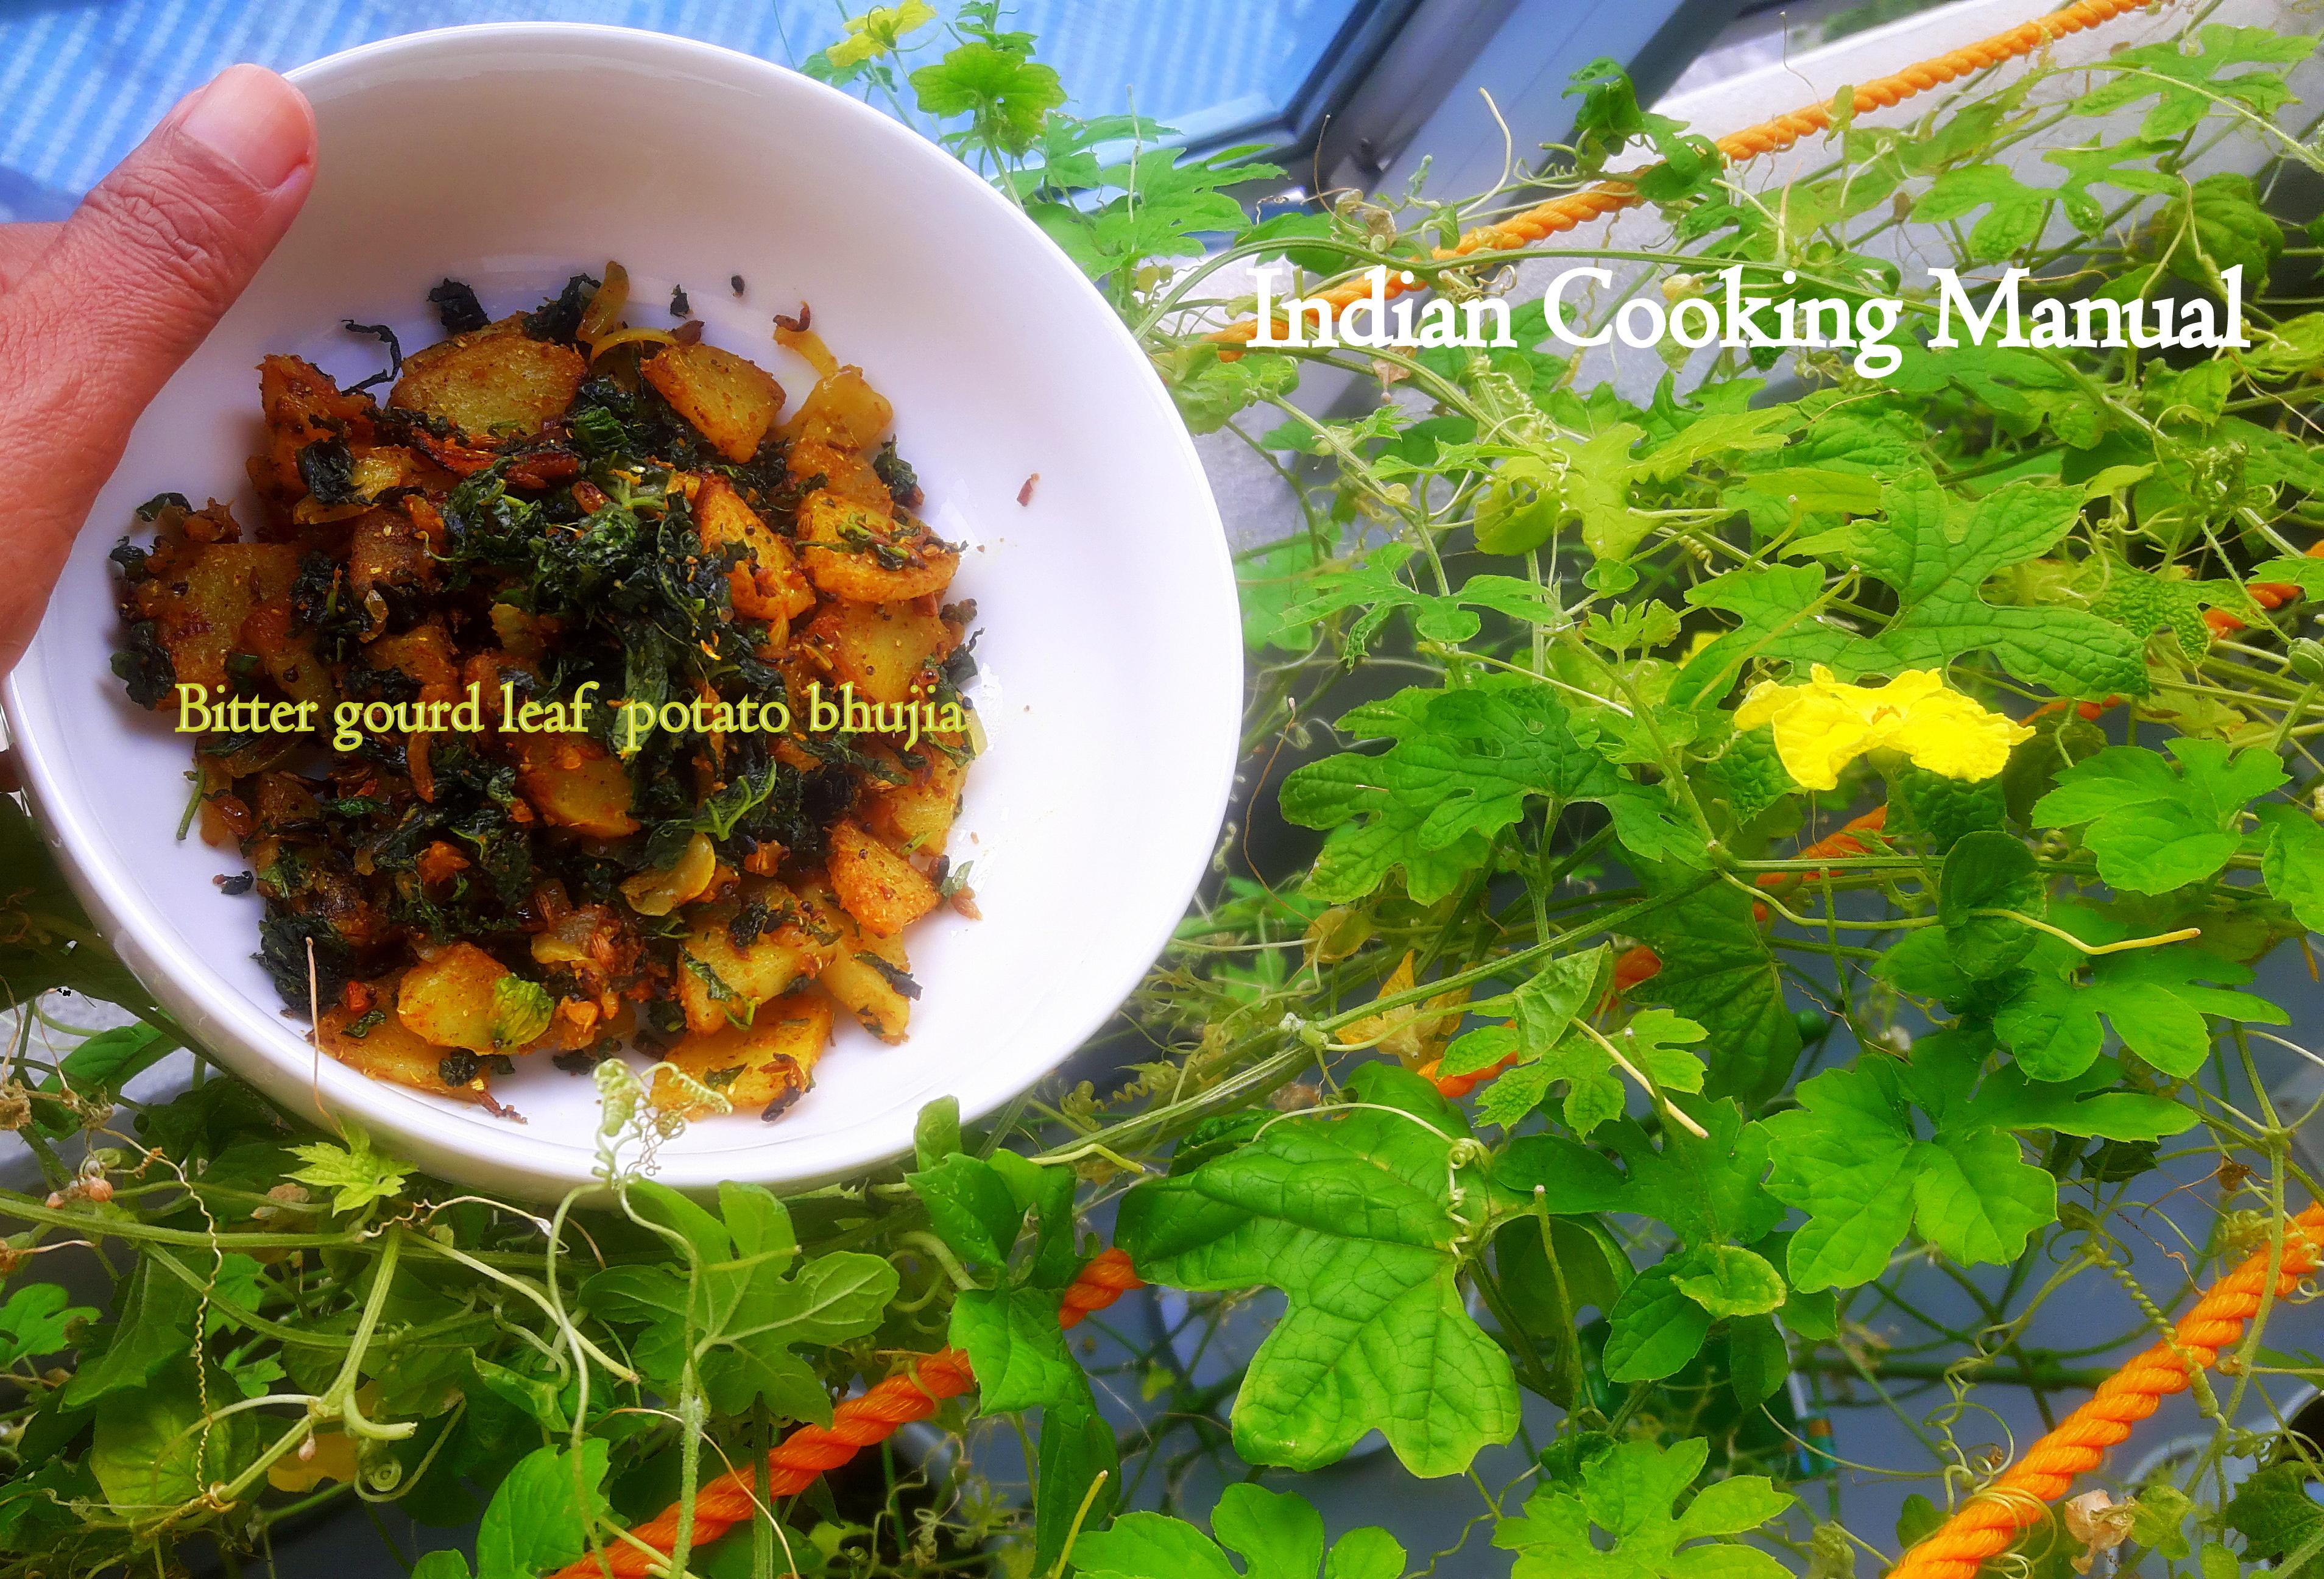 Bitter Gourd Leaf (Karela leaf) Potato (Aaloo) Bhujia (dry)